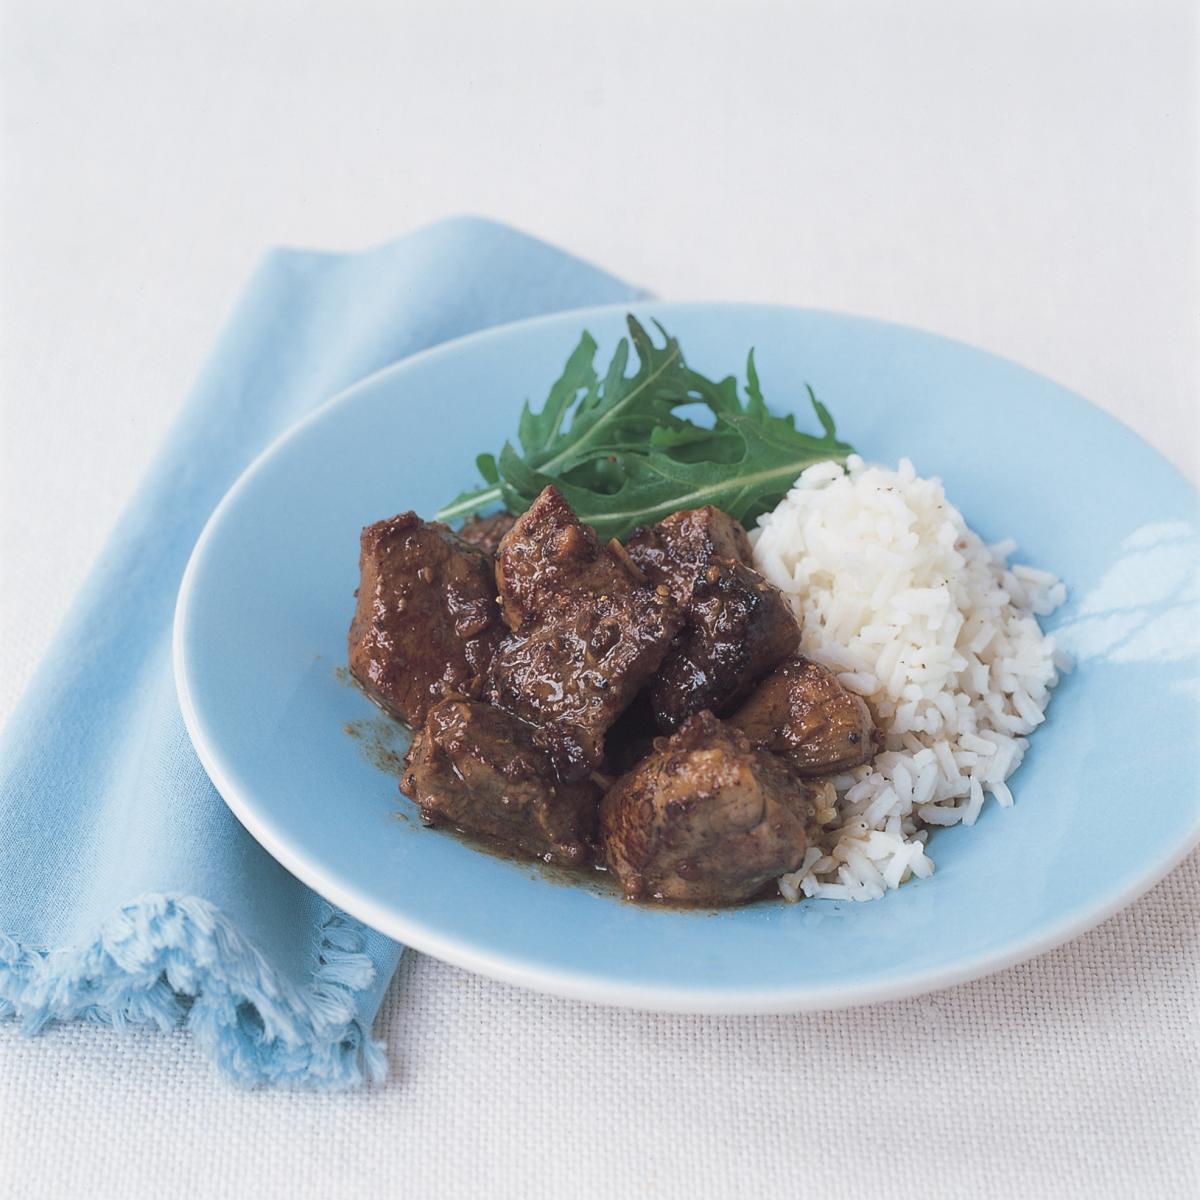 A picture of Delia's Marinated Pork with Coriander recipe